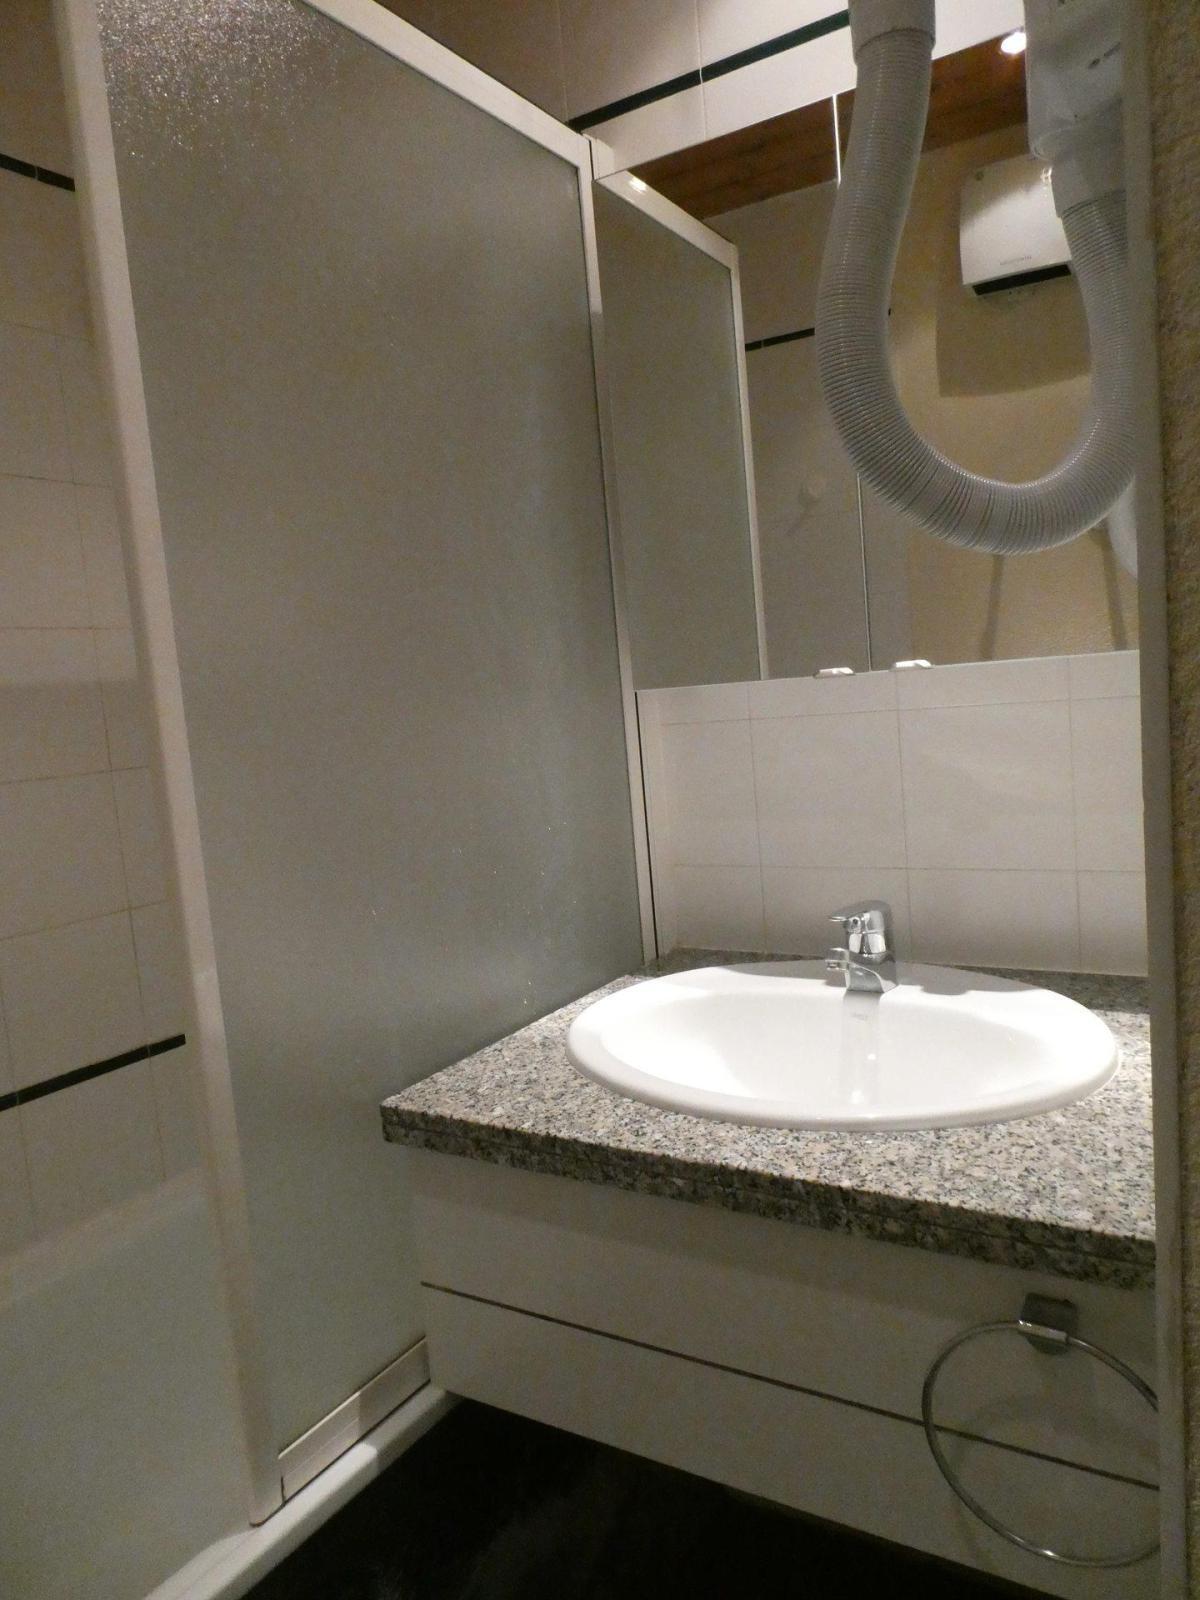 Location au ski Appartement 2 pièces 5 personnes (61) - Residence Le Carroley A - La Plagne - Banquette-lit